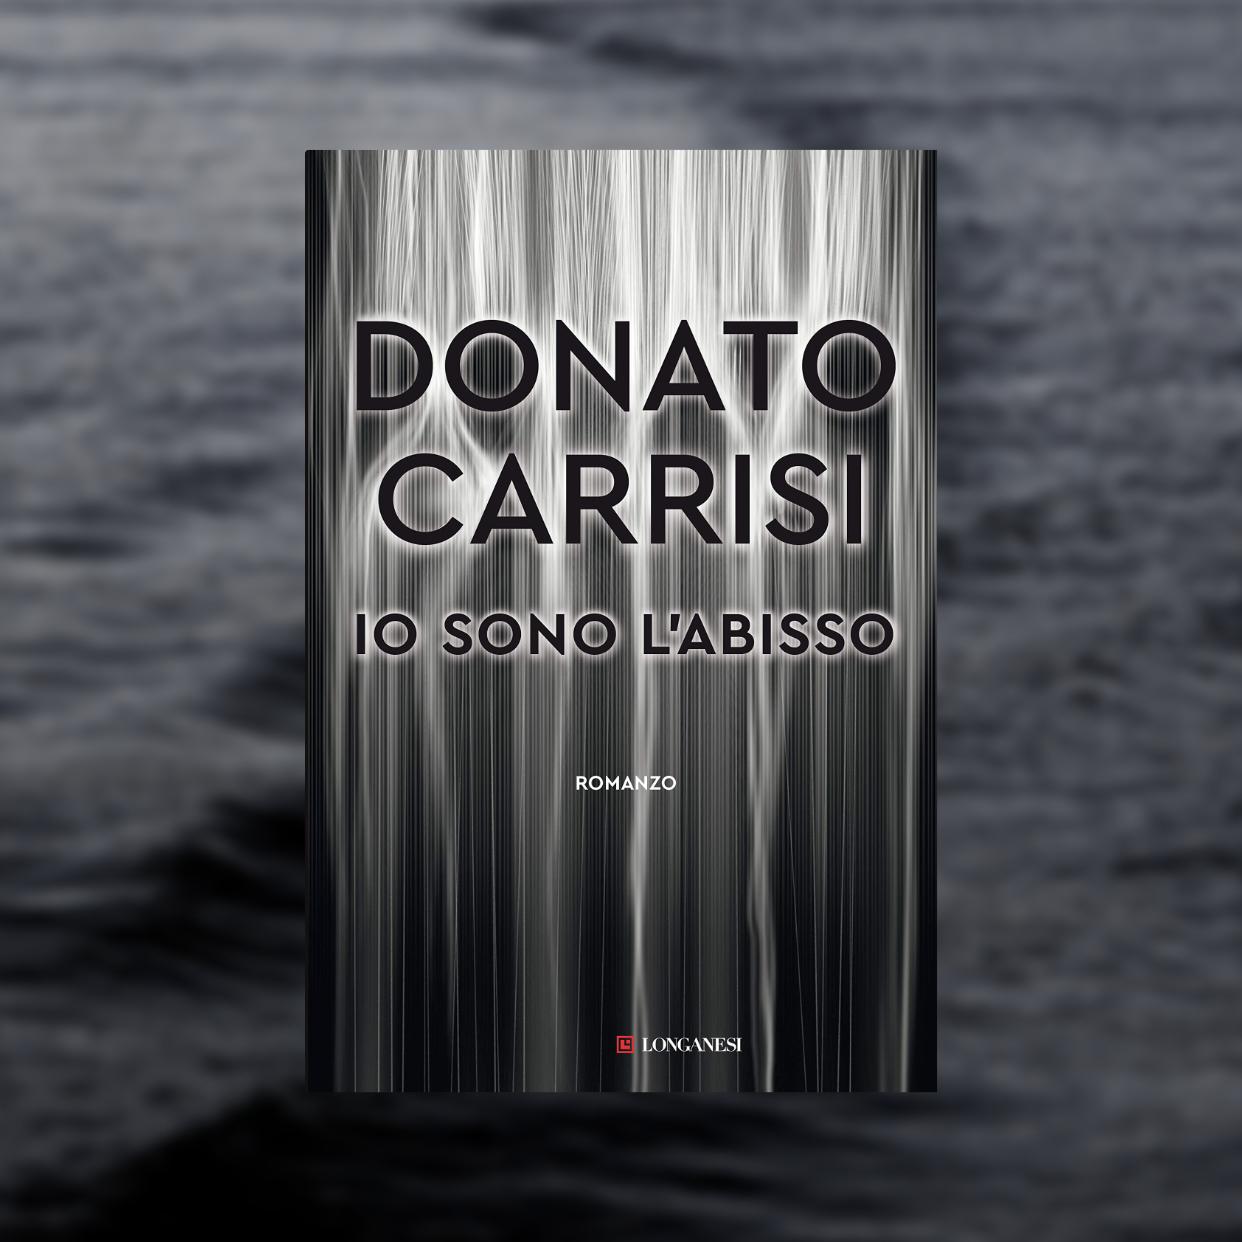 Io sono l'abisso: il nuovo romanzo di Donato Carrisi